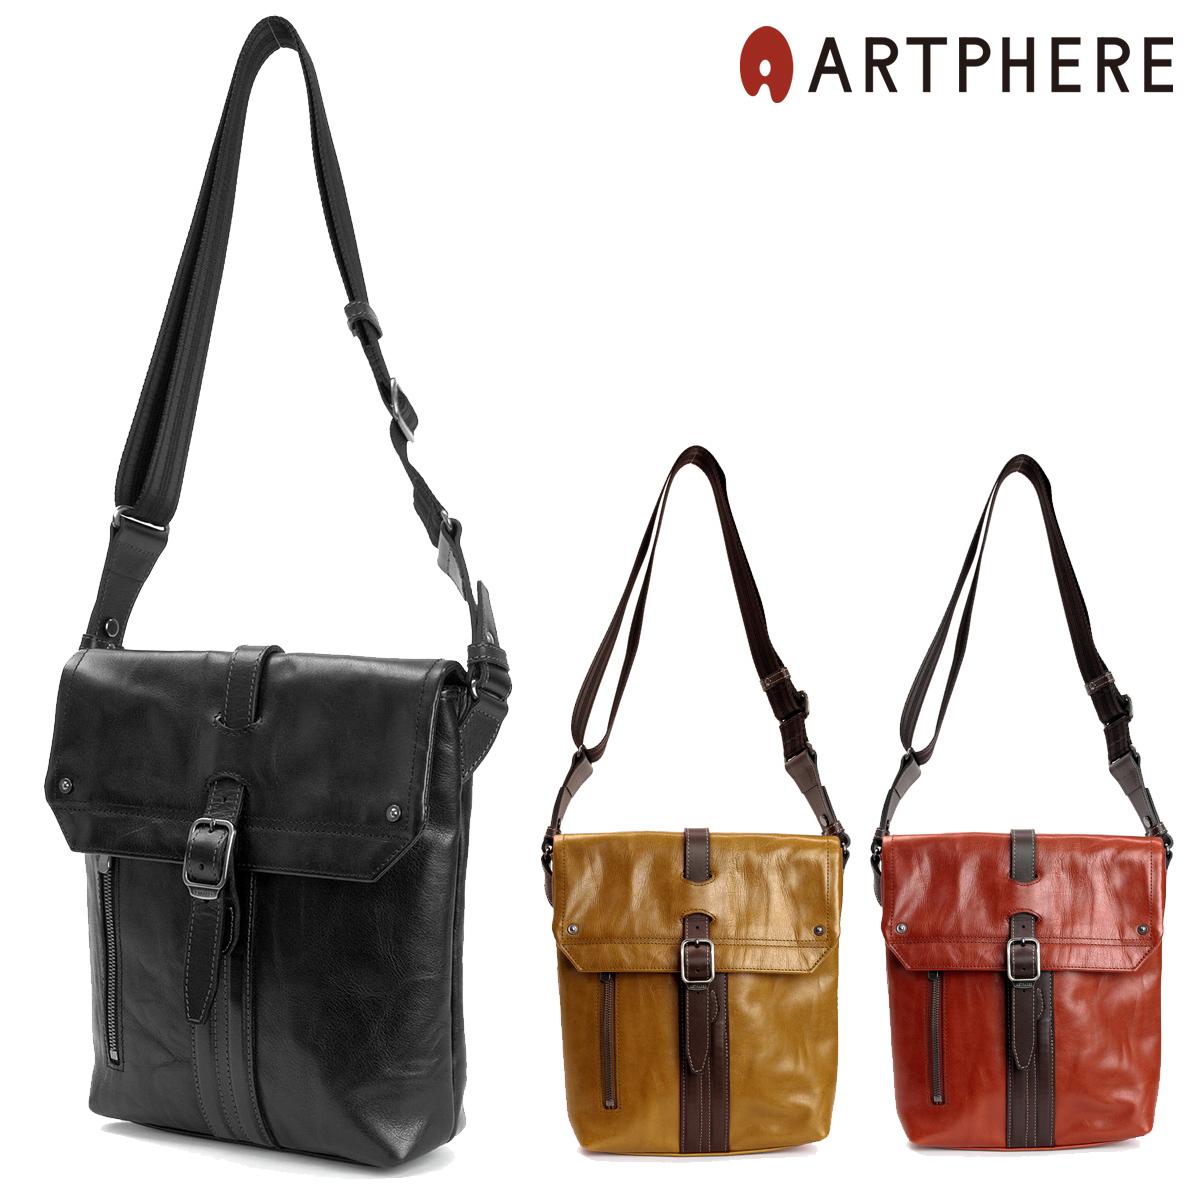 アートフィアー ショルダーバッグ 豊岡鞄 メンズ アンビション BK15-101 ARTPHERE Ambition | 薄マチ 縦型 斜めがけ 牛革 レザー